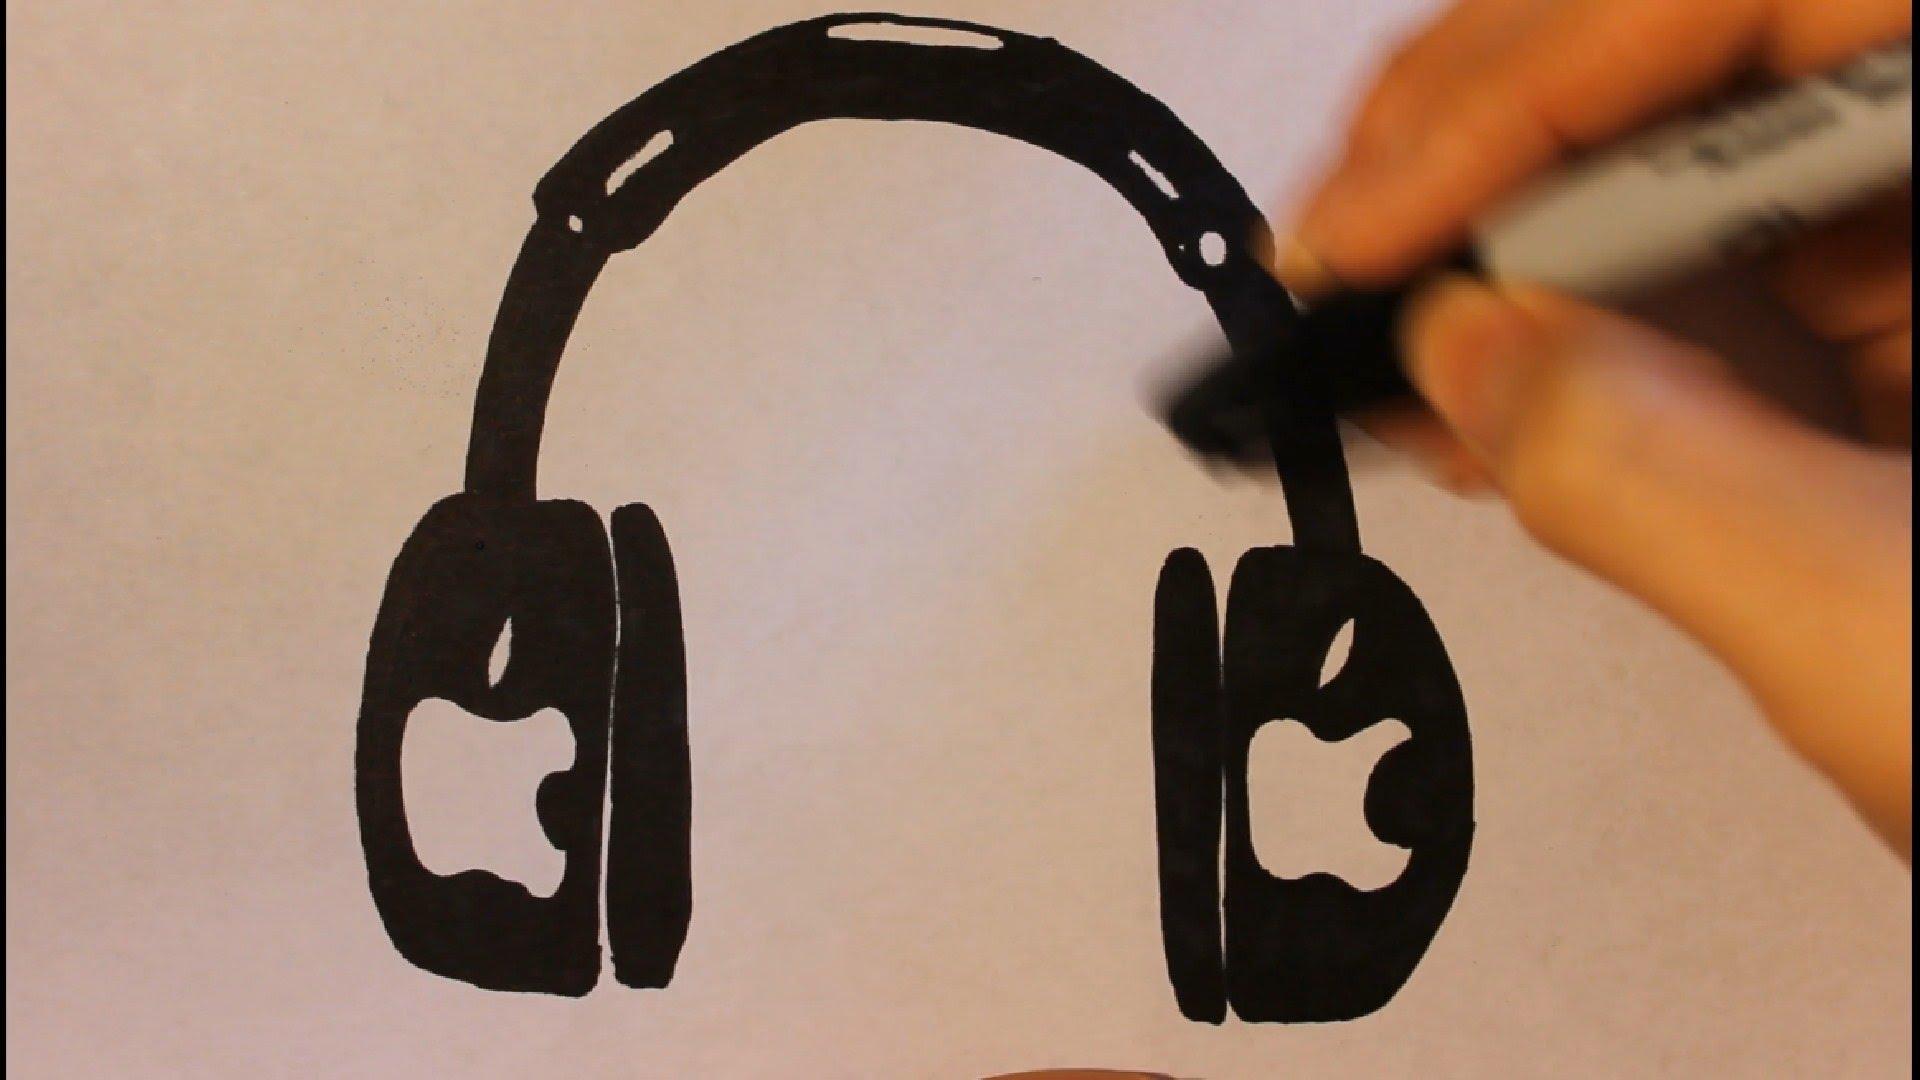 Drawn headphones simple Step Cool How Tutorial Headphone